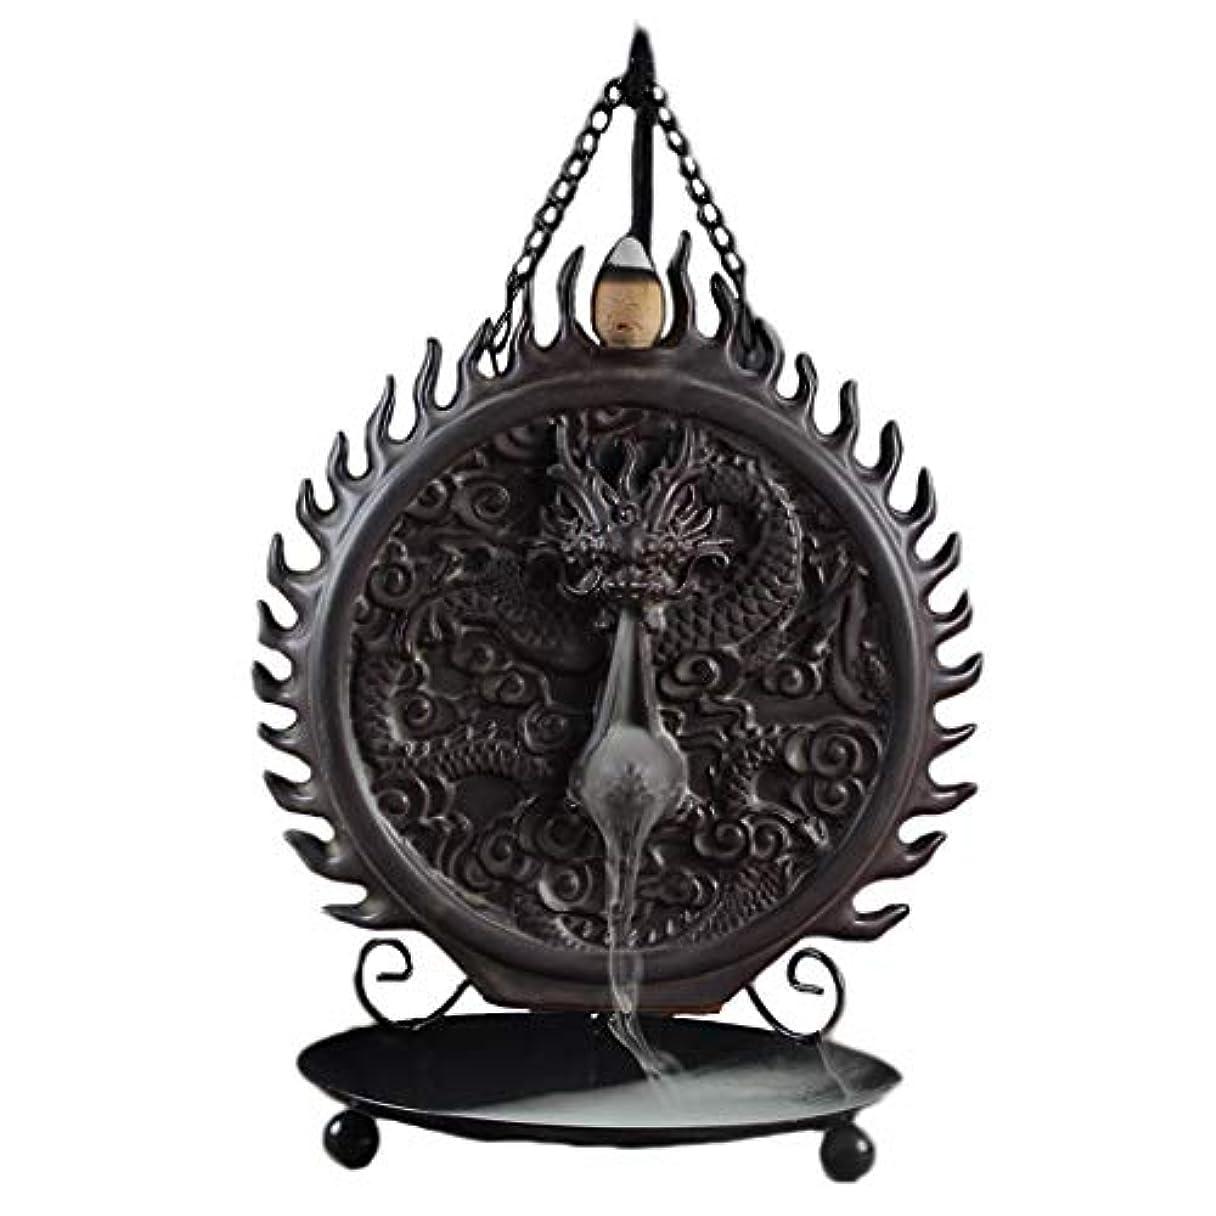 方程式試用便益セラミックハンギング香炉バックフロードラゴンディスクホーム炉装飾香ホルダーアロマセラピー香バーナーホルダー (Color : Black, サイズ : 6.29*9.44inches)